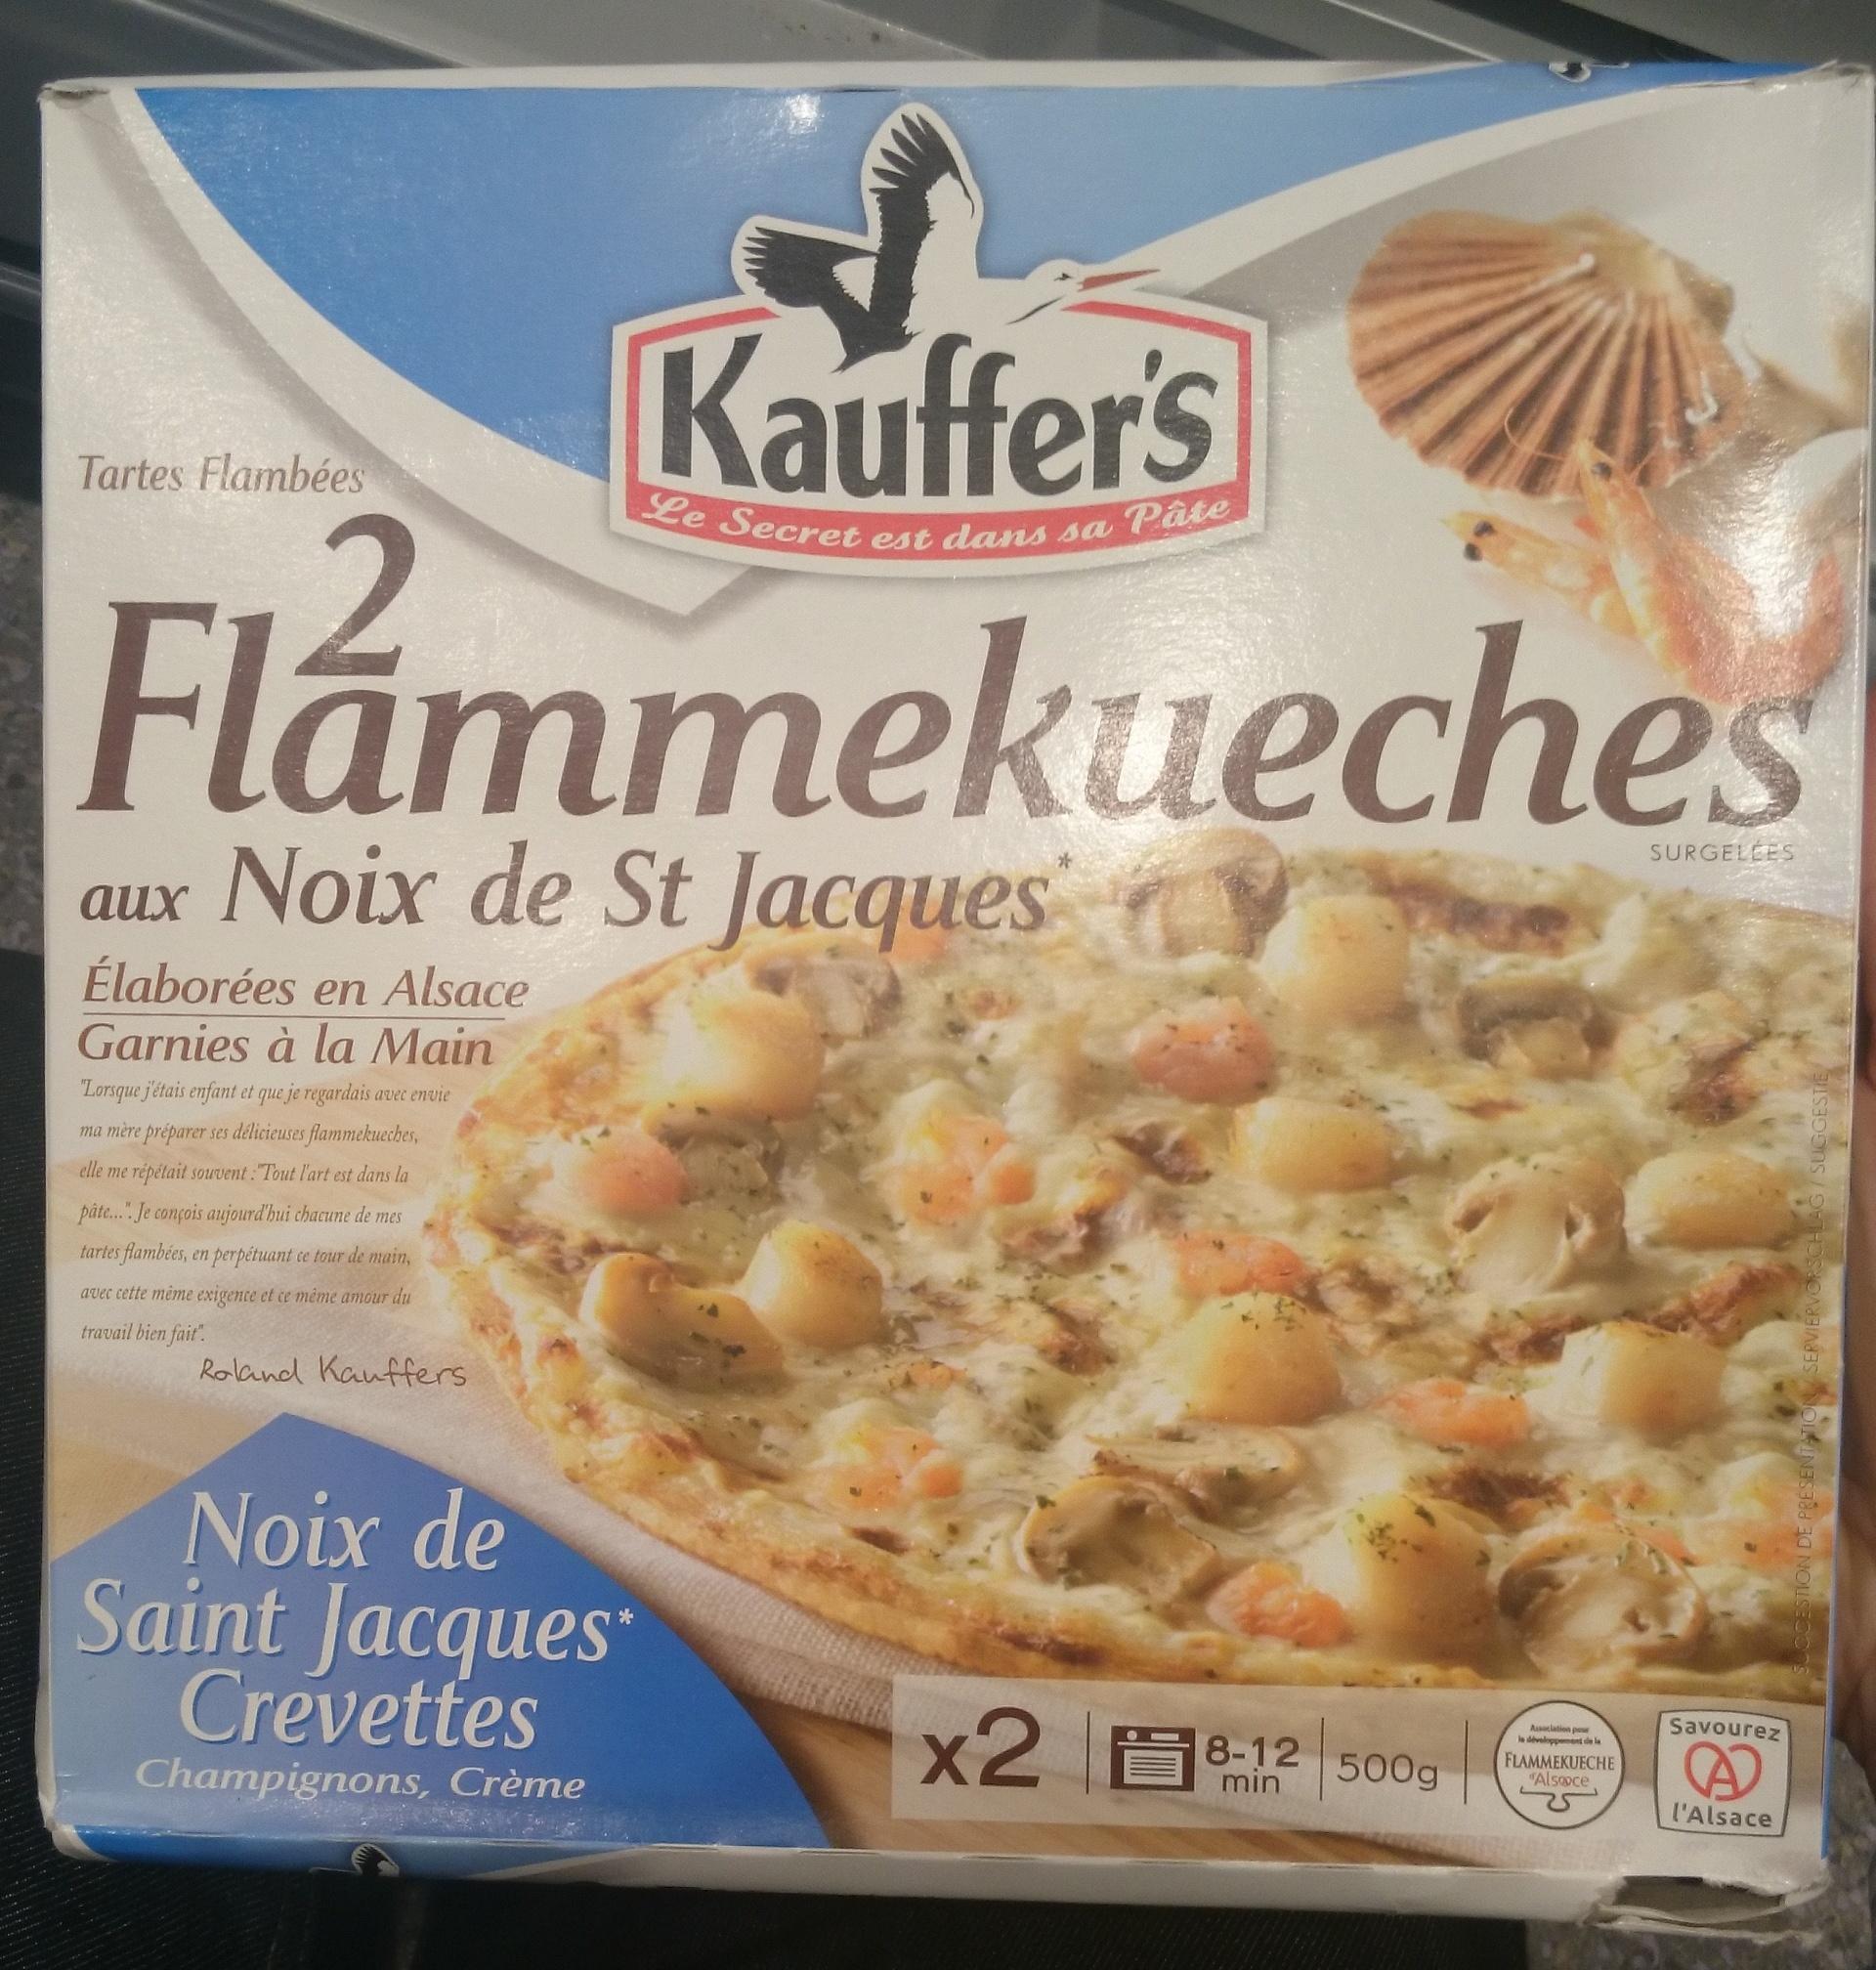 Flammekueches aux Noix de St Jacques - Produit - fr